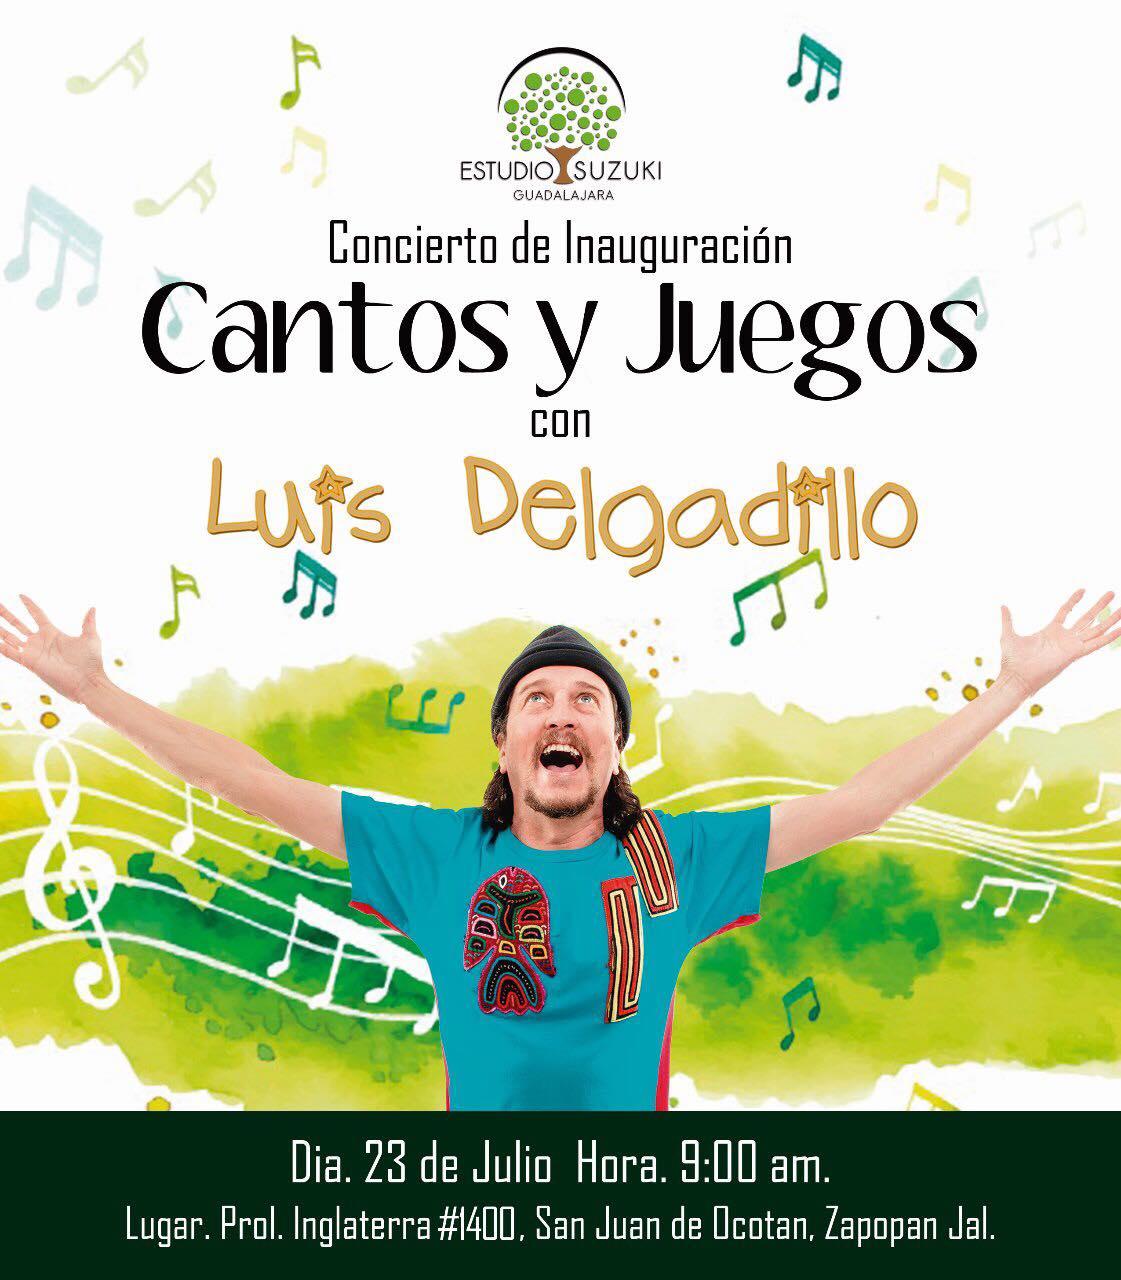 Estudio Suzuki Guadalajara inaugurará su curso de verano 2018 con un  Concierto de Luis Delgadillo, abierto al público.  23 de julio, 9:00 hrs